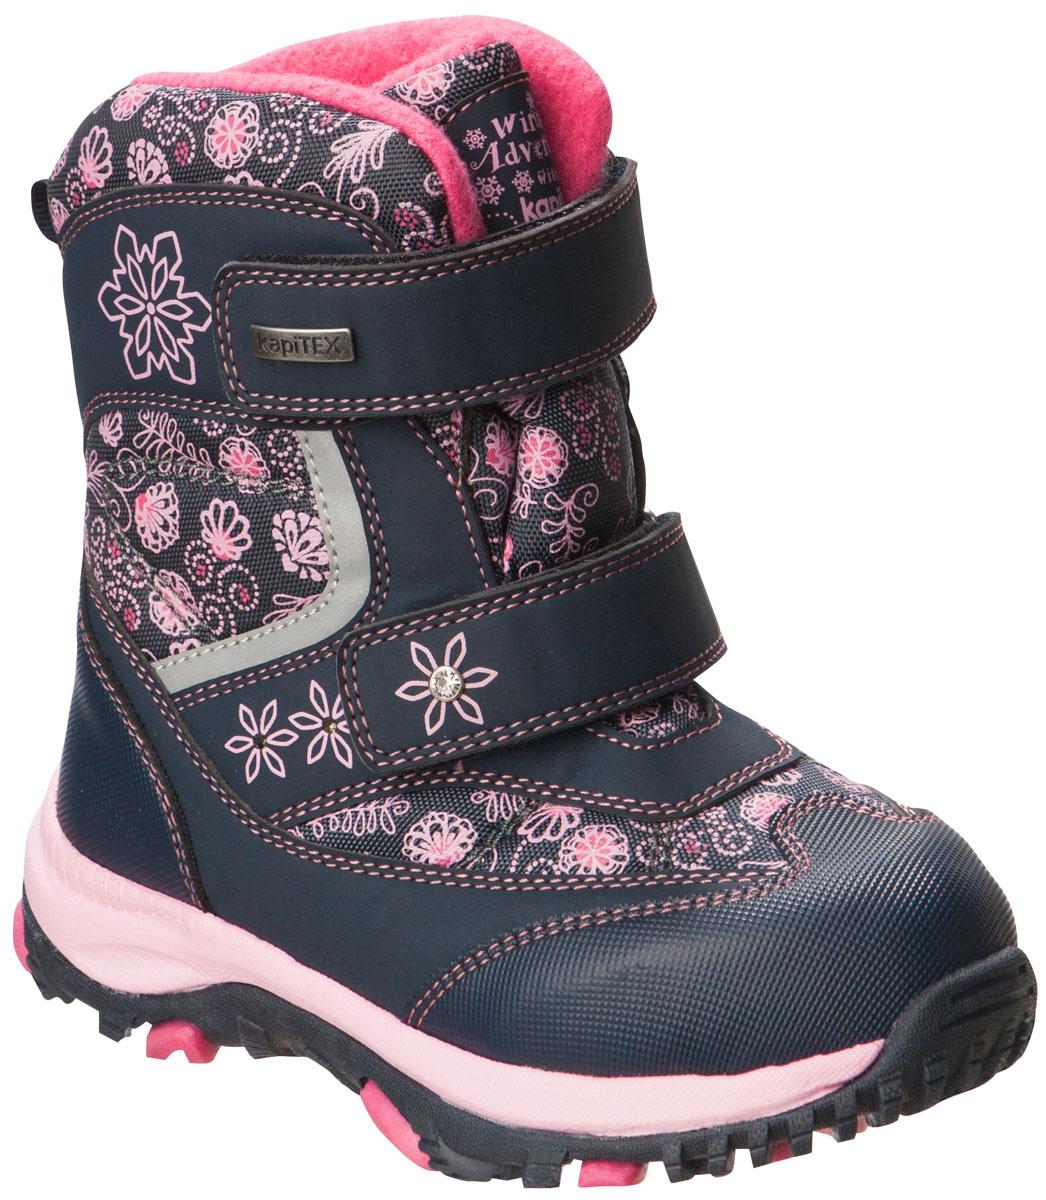 41155-2Ботинки от Kapika придутся по душе вашей девочке. Модель идеально подходит для зимы, сохраняет комфортный микроклимат в обуви как при ношении на улице, так и в помещении. Верх обуви изготовлен из искусственной кожи со вставками из водонепроницаемого текстиля, оформленного нежным цветочным принтом. Два ремешка на застежке-липучке надежно зафиксируют изделие на ноге. Боковая сторона, язычок и верхний ремешок декорированы логотипом бренда. Подкладка и стелька изготовлены из натуральной шерсти, что позволяет сохранить тепло и гарантирует уют ногам. Подошва с рифлением обеспечивает идеальное сцепление с любыми поверхностями. Такие чудесные ботинки займут достойное место в гардеробе вашего ребенка.